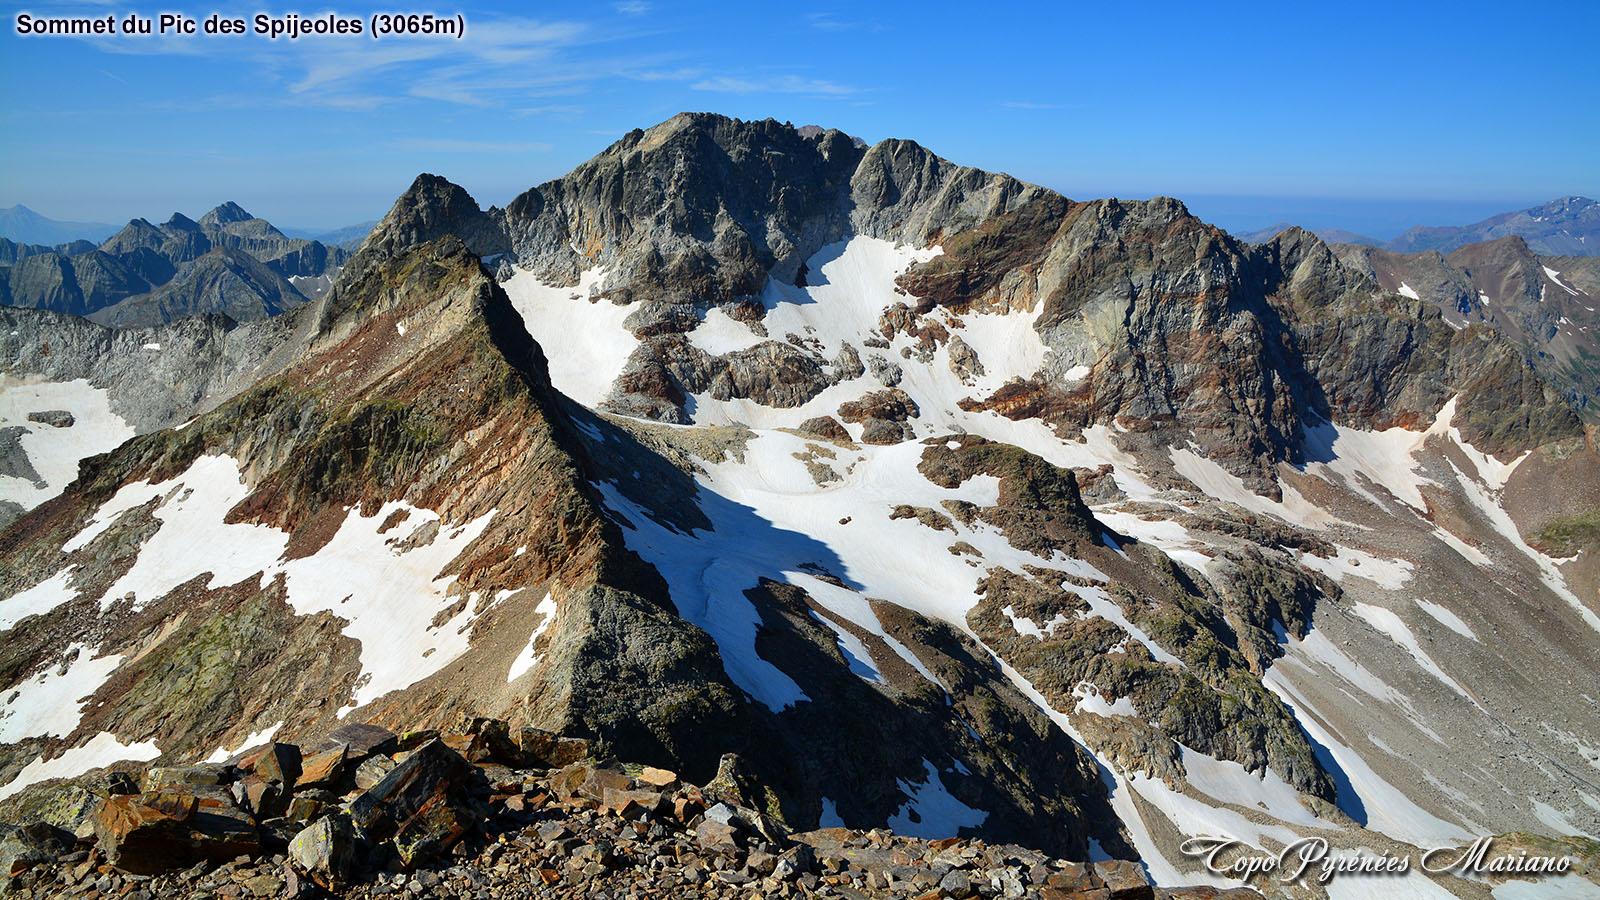 Randonnée Pic des Spijeoles (3065m) par le sentier des mineurs